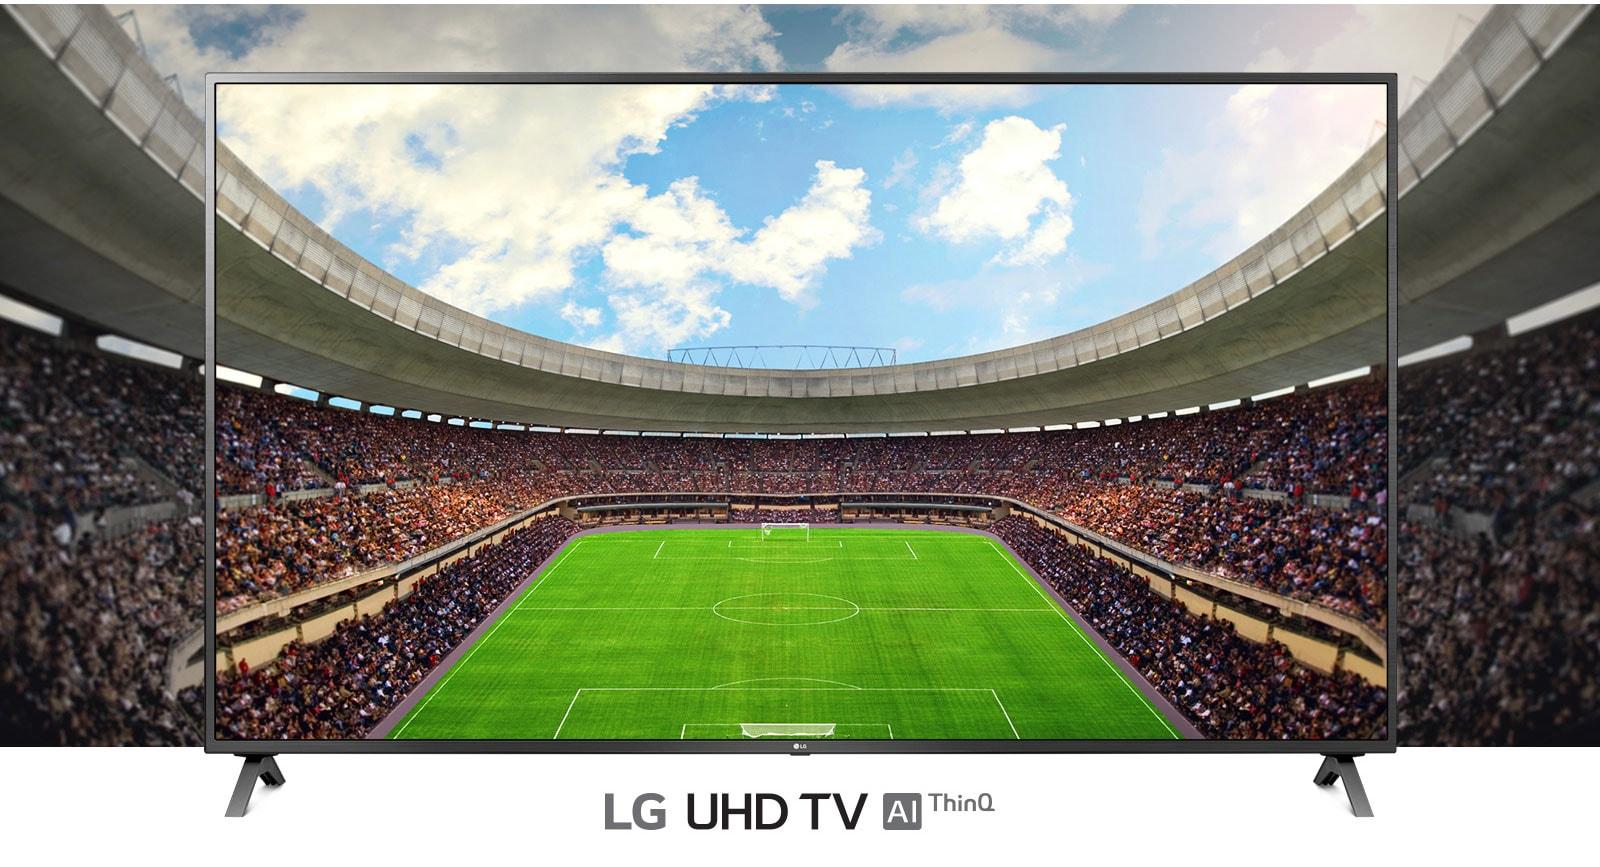 Panorama tayangan stadion sepakbola yang luas dan penuh penonton dalam bingkai TV.